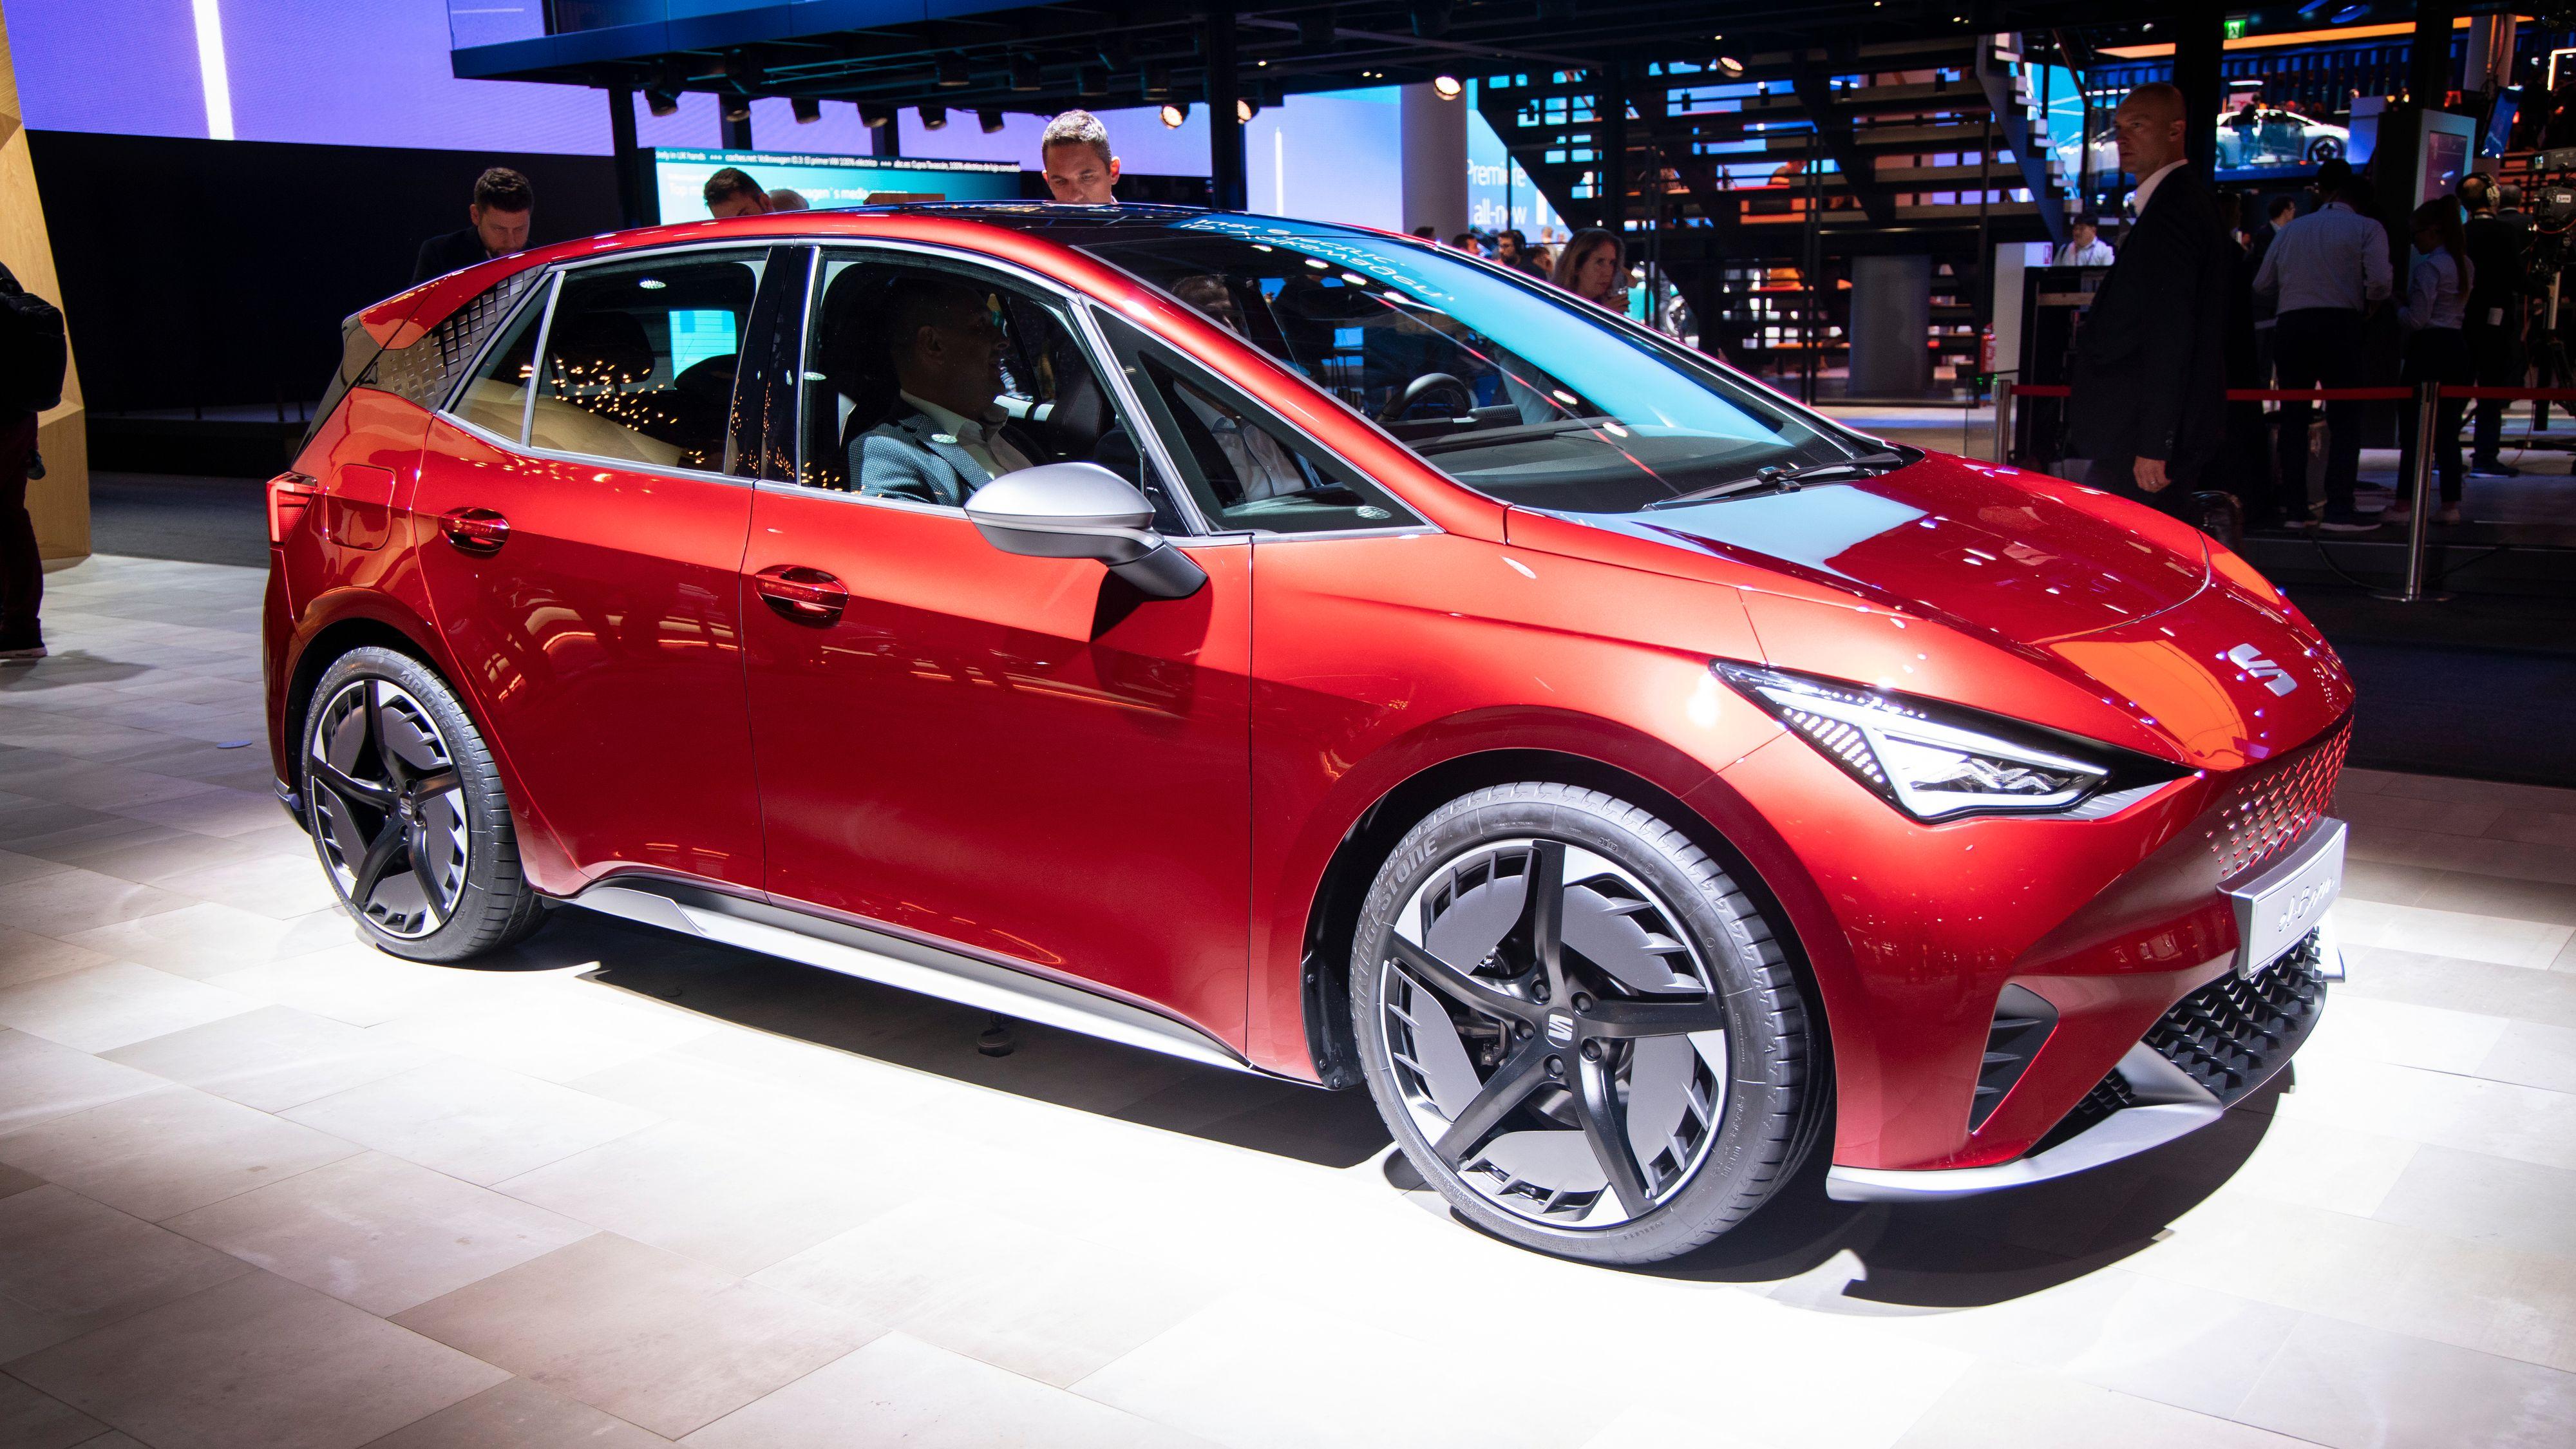 Seat el-Born er i praksis samme bil som ID.3. Den er imidlertid foreløpig kun på konseptstadiet.